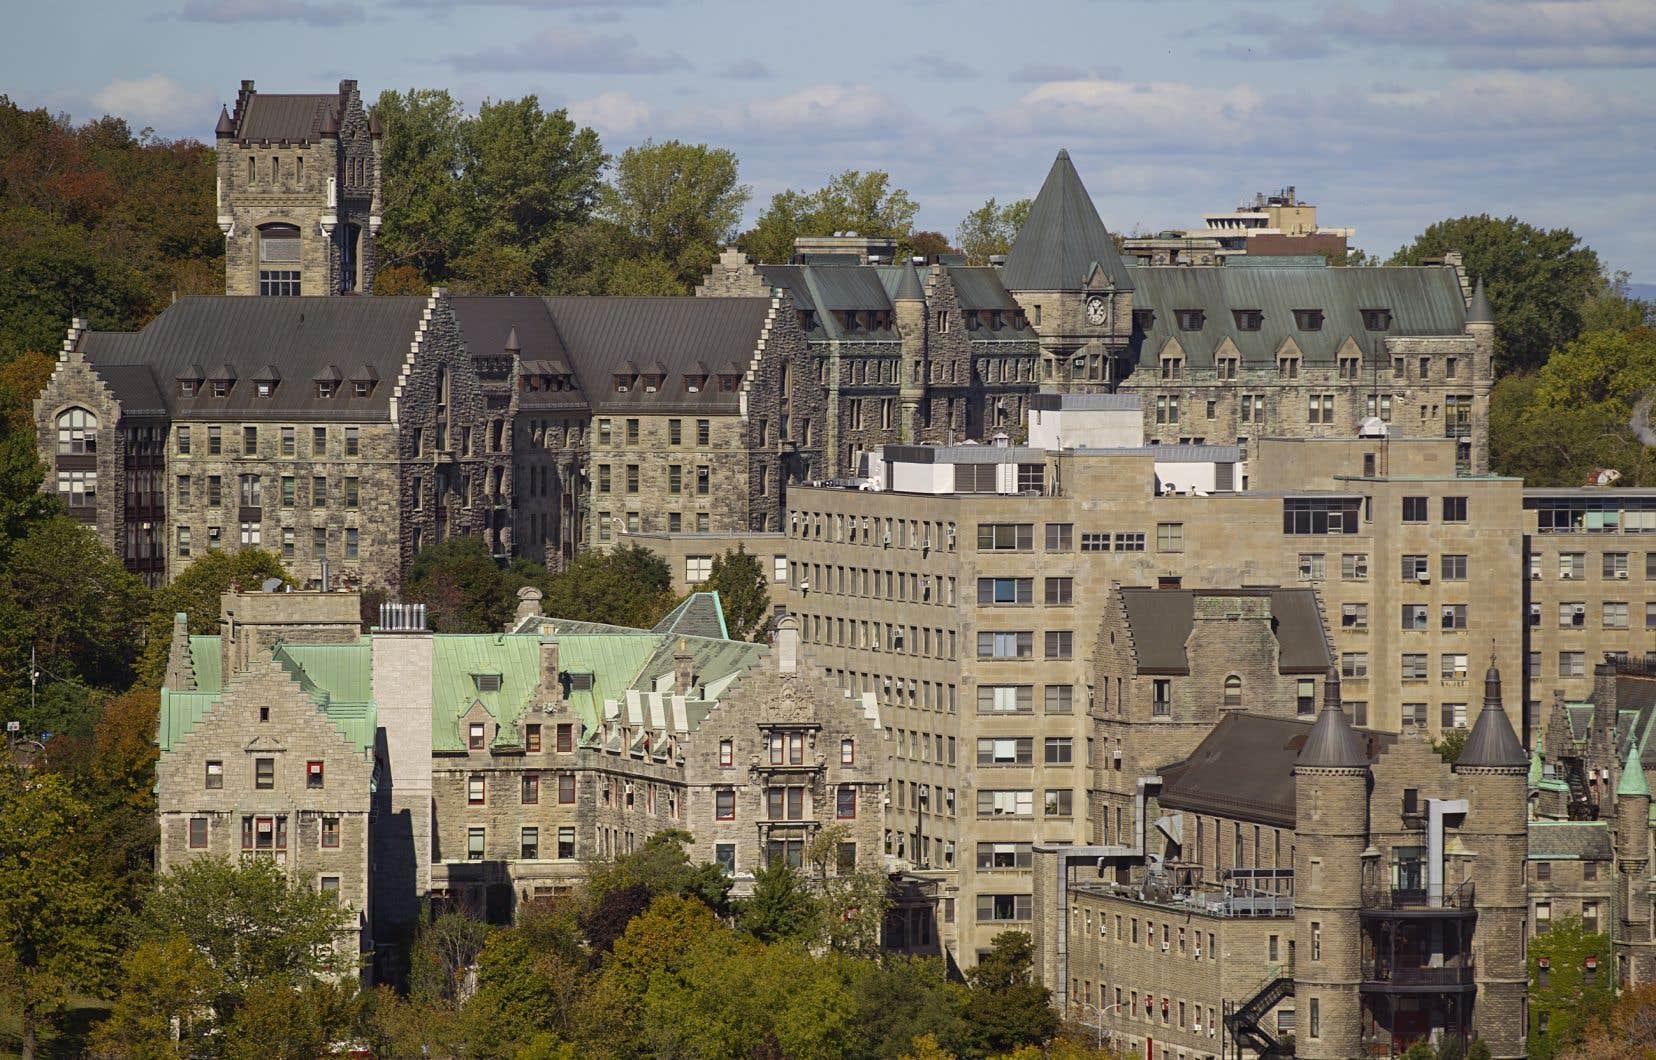 La Ville de Montréal convoite les terrains inutilisés de l'ancien hôpital Royal Victoria pour agrandir le parc du Mont-Royal.